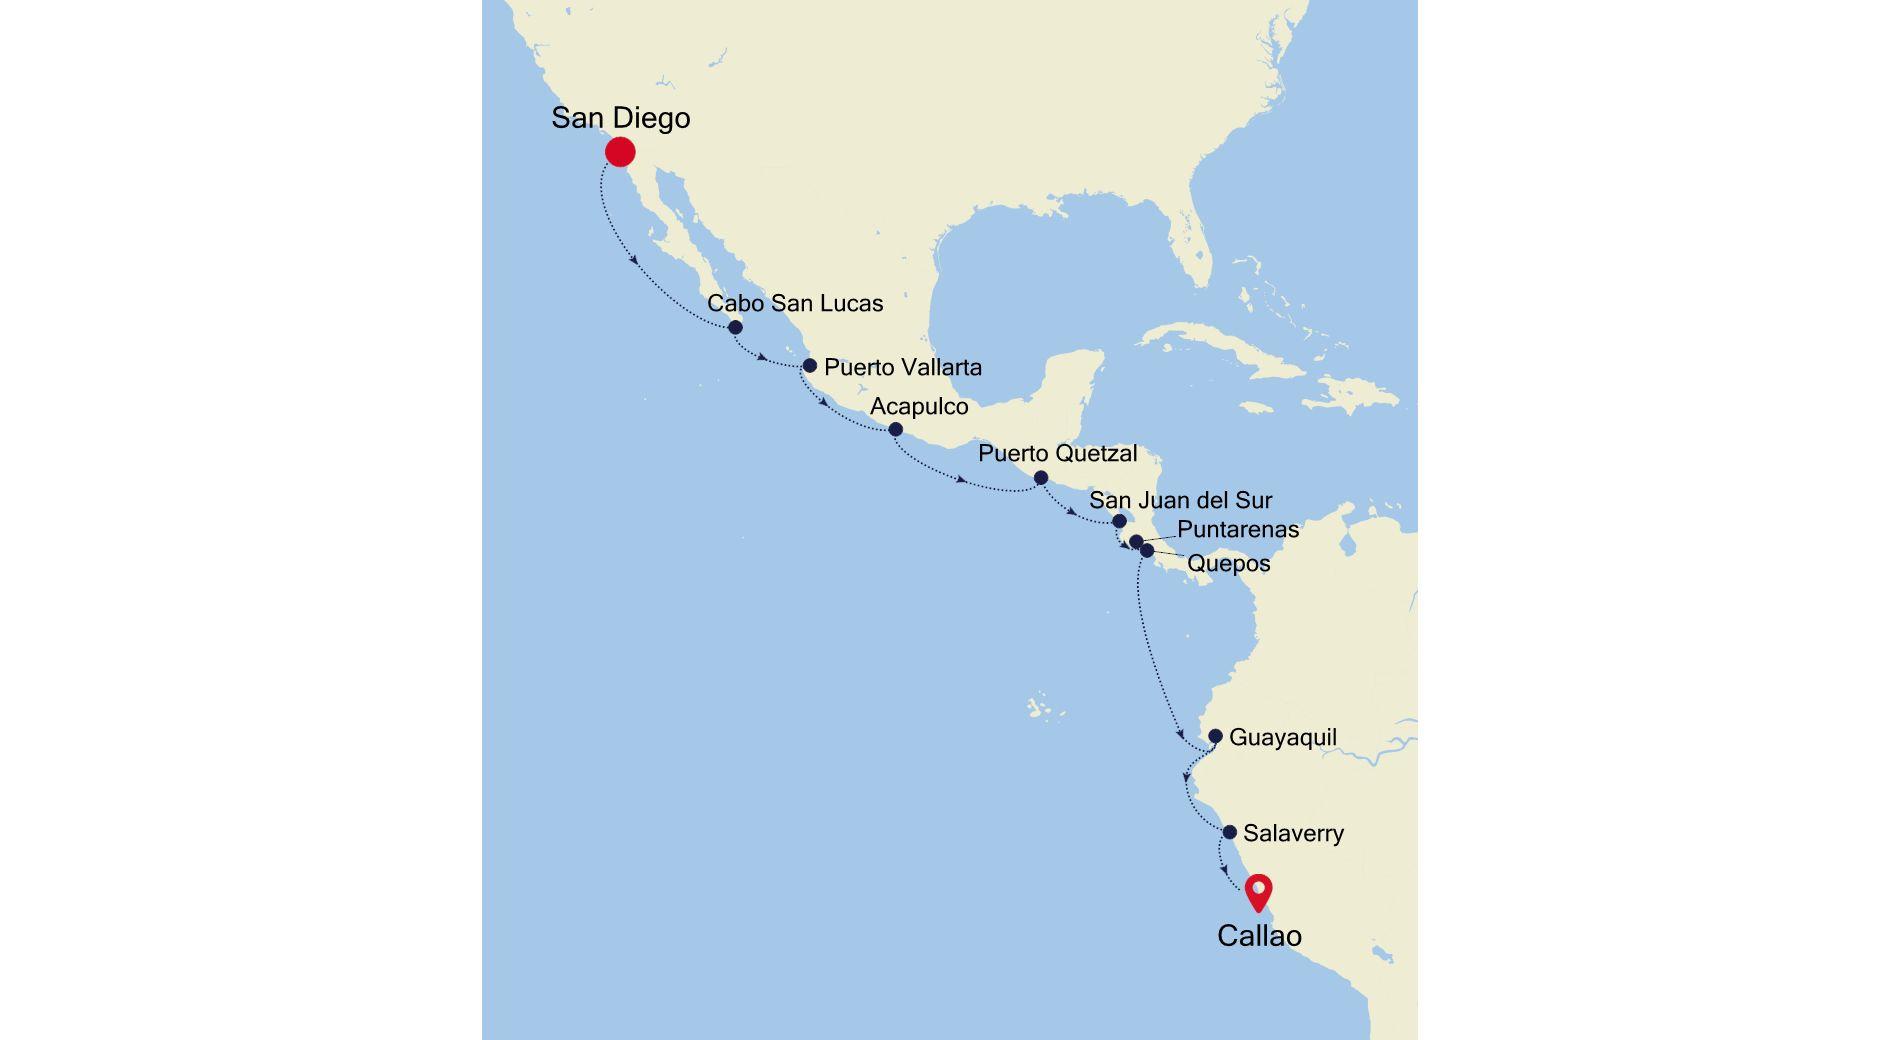 E4211010018 - San Diego to Callao